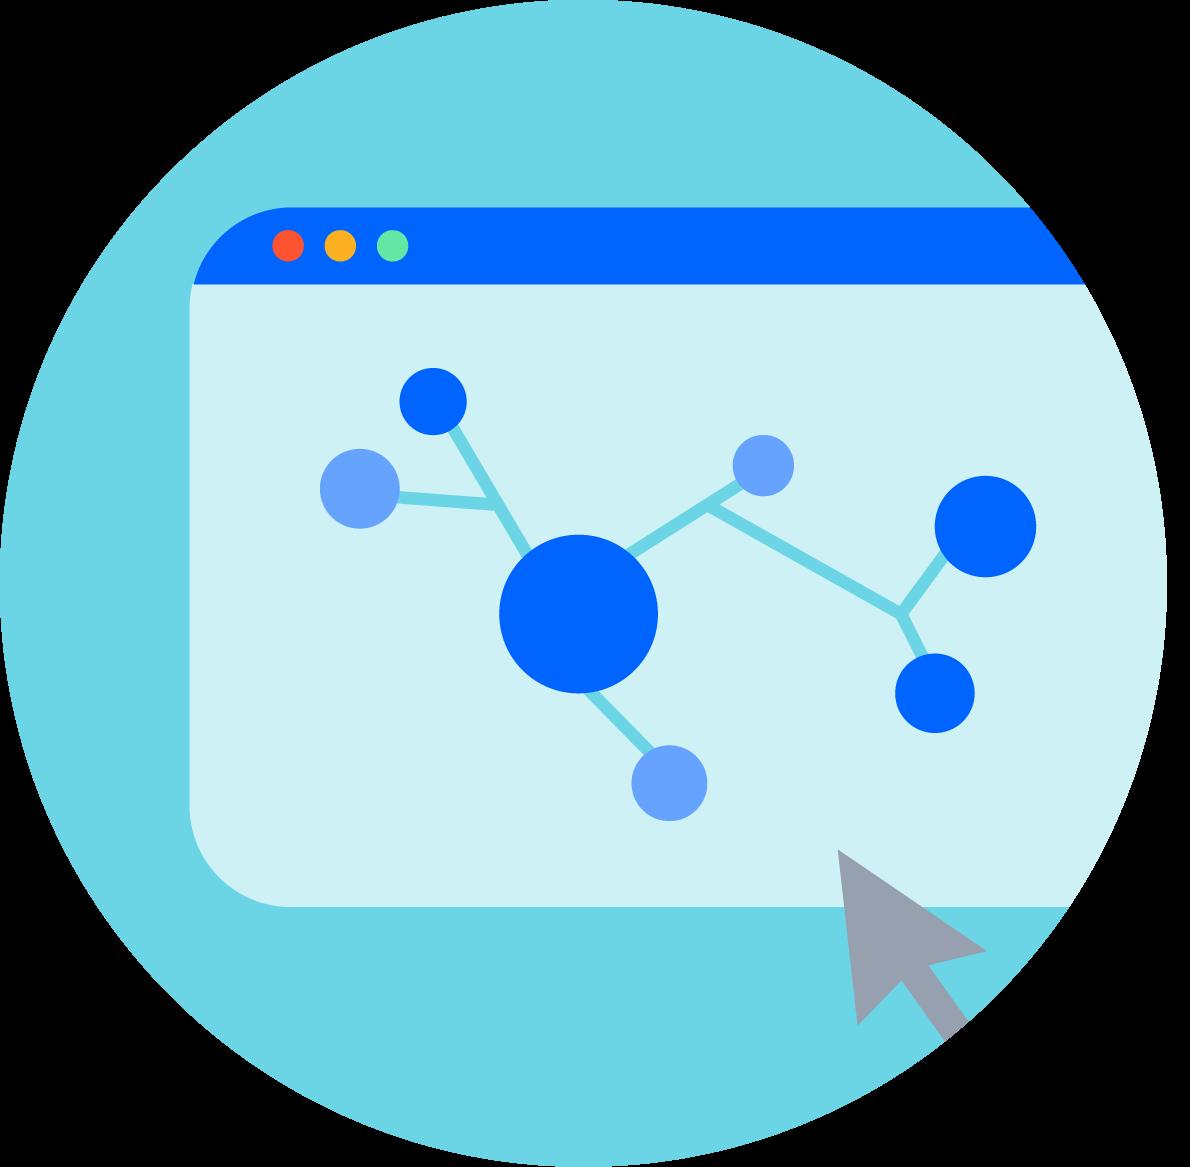 As equipes de projeto de alto desempenho usam o Monitor de Saúde para avaliar pontos fortes e fracos e, em seguida, rastrear seu progresso.